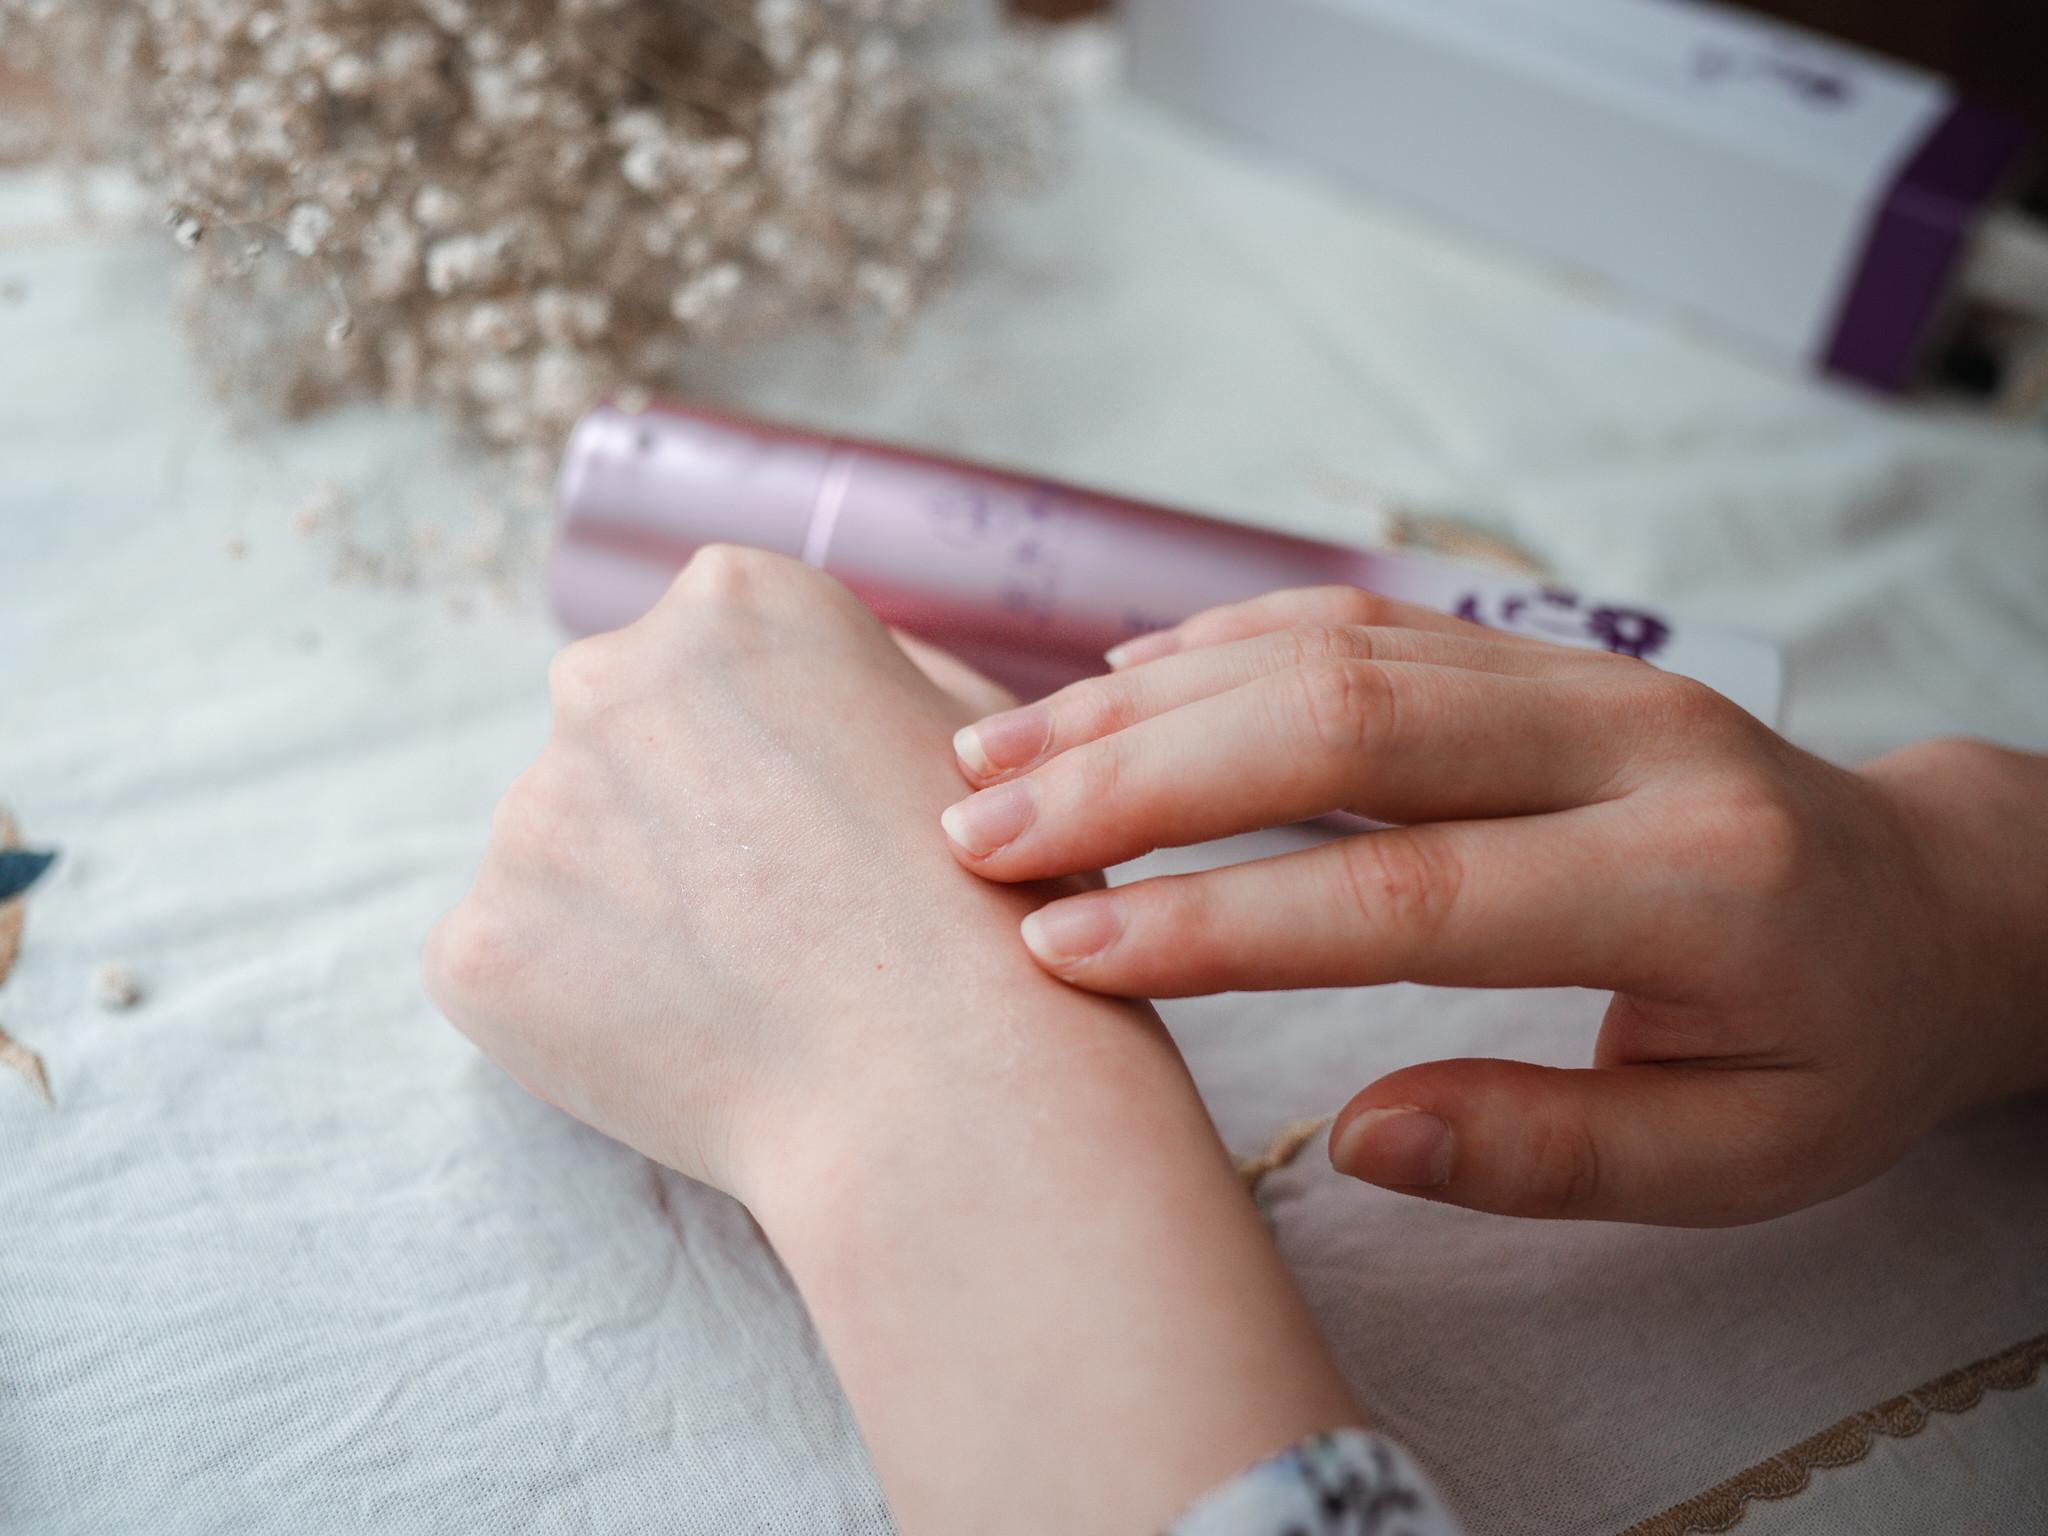 夏日肌膚保養該怎麼做?4大保養TIPS養出水嫩肌。全效潤澤保濕露